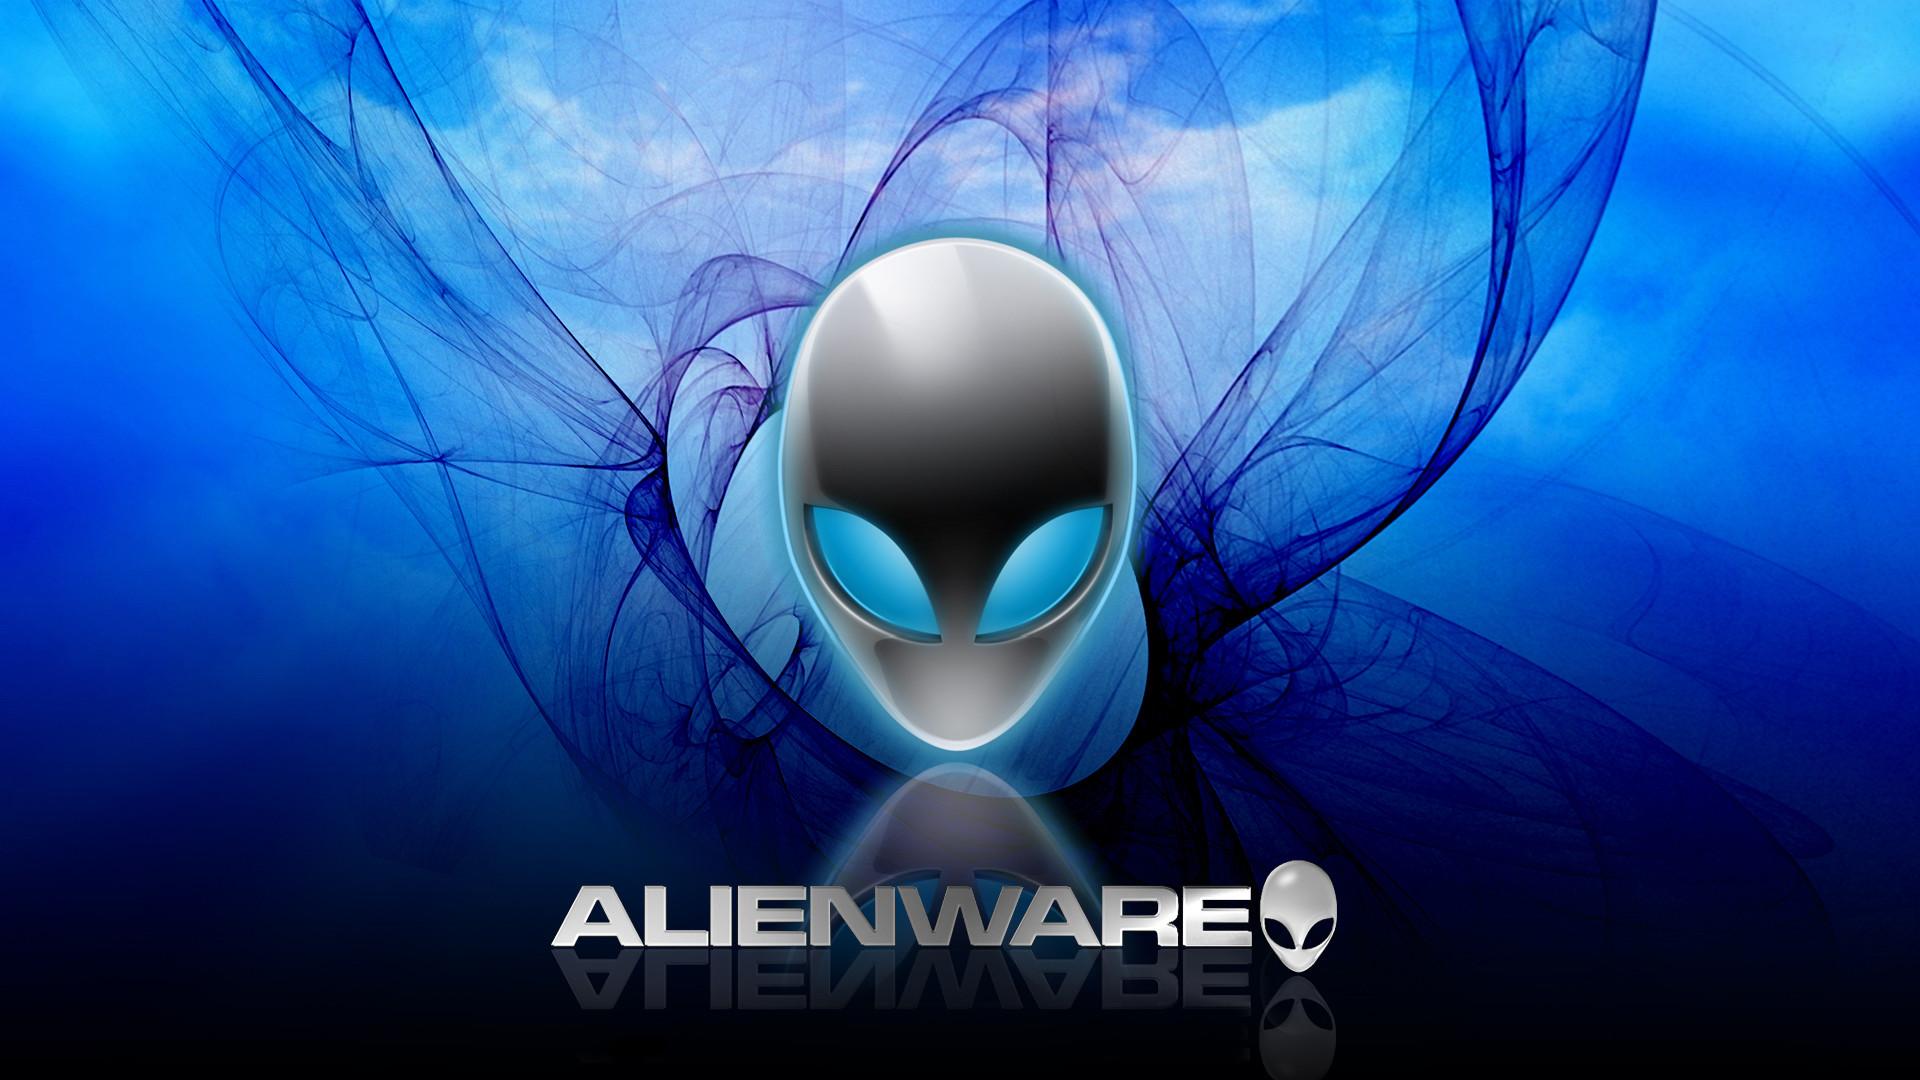 alienware wallpapers hd | pixelstalk.net